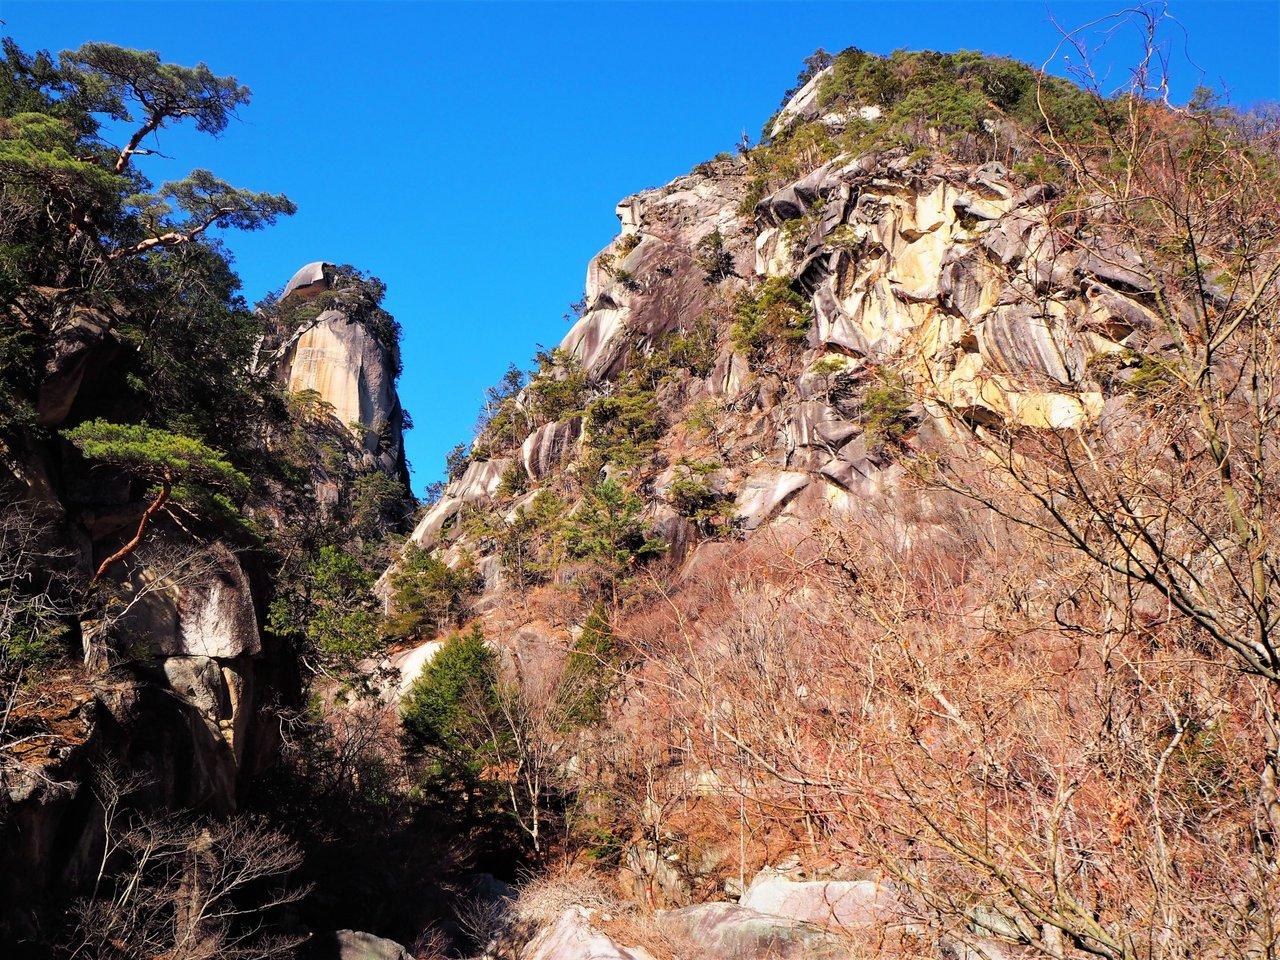 2月13日は日本遺産の日。日本一の渓谷美で知られる山梨県「昇仙峡」へ来てみろし!